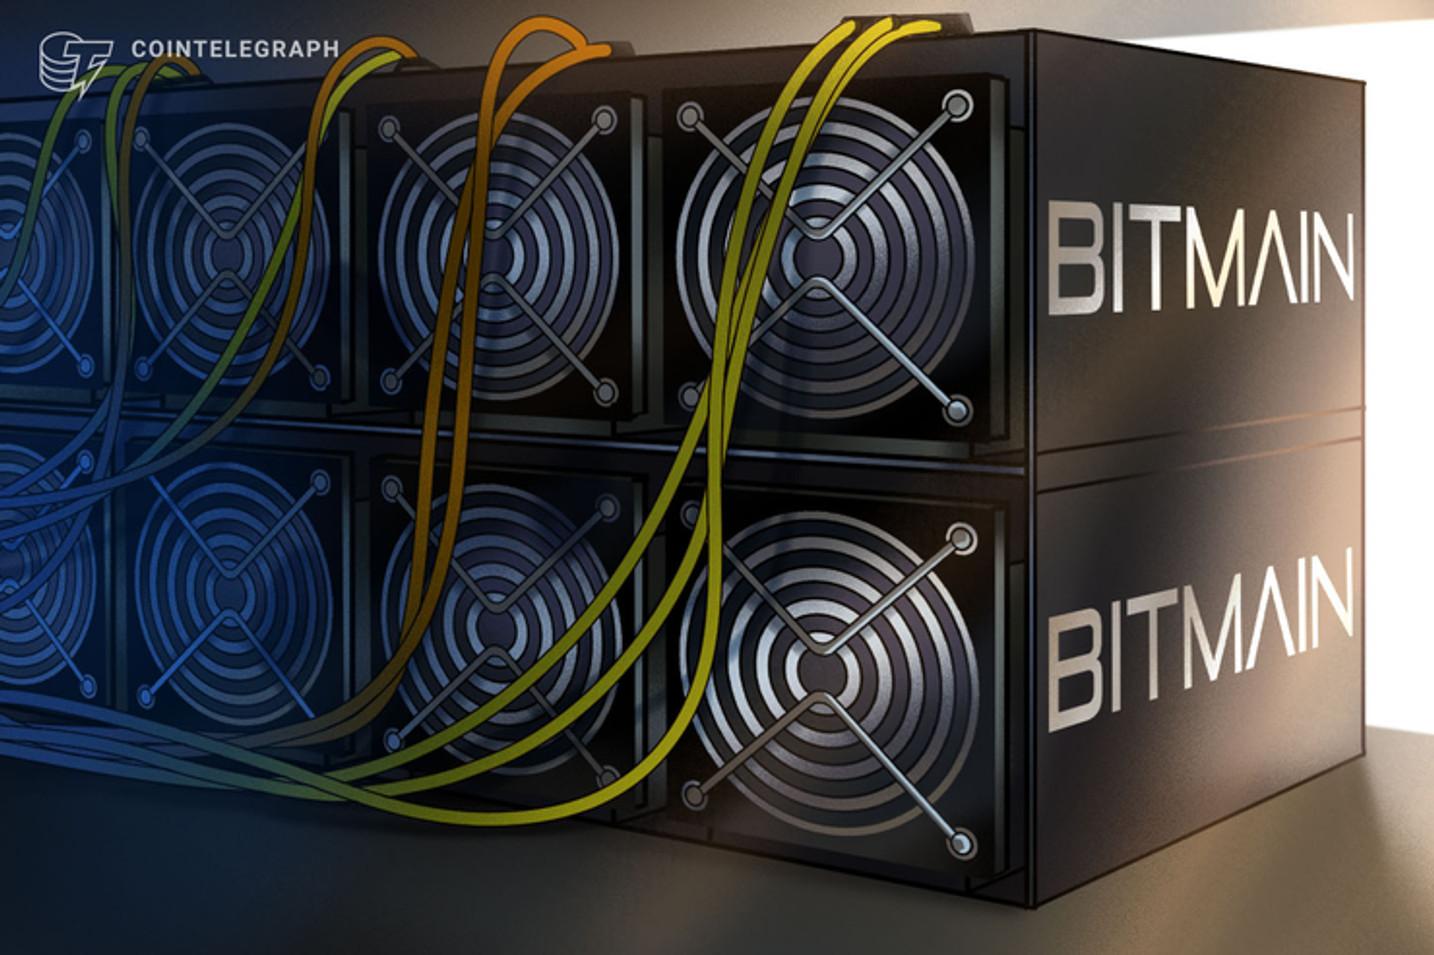 Bitmain organiza evento para debater halving e futuro da mineração do Bitcoin; Jihan Wu 'quebra silêncio' e irá ao evento